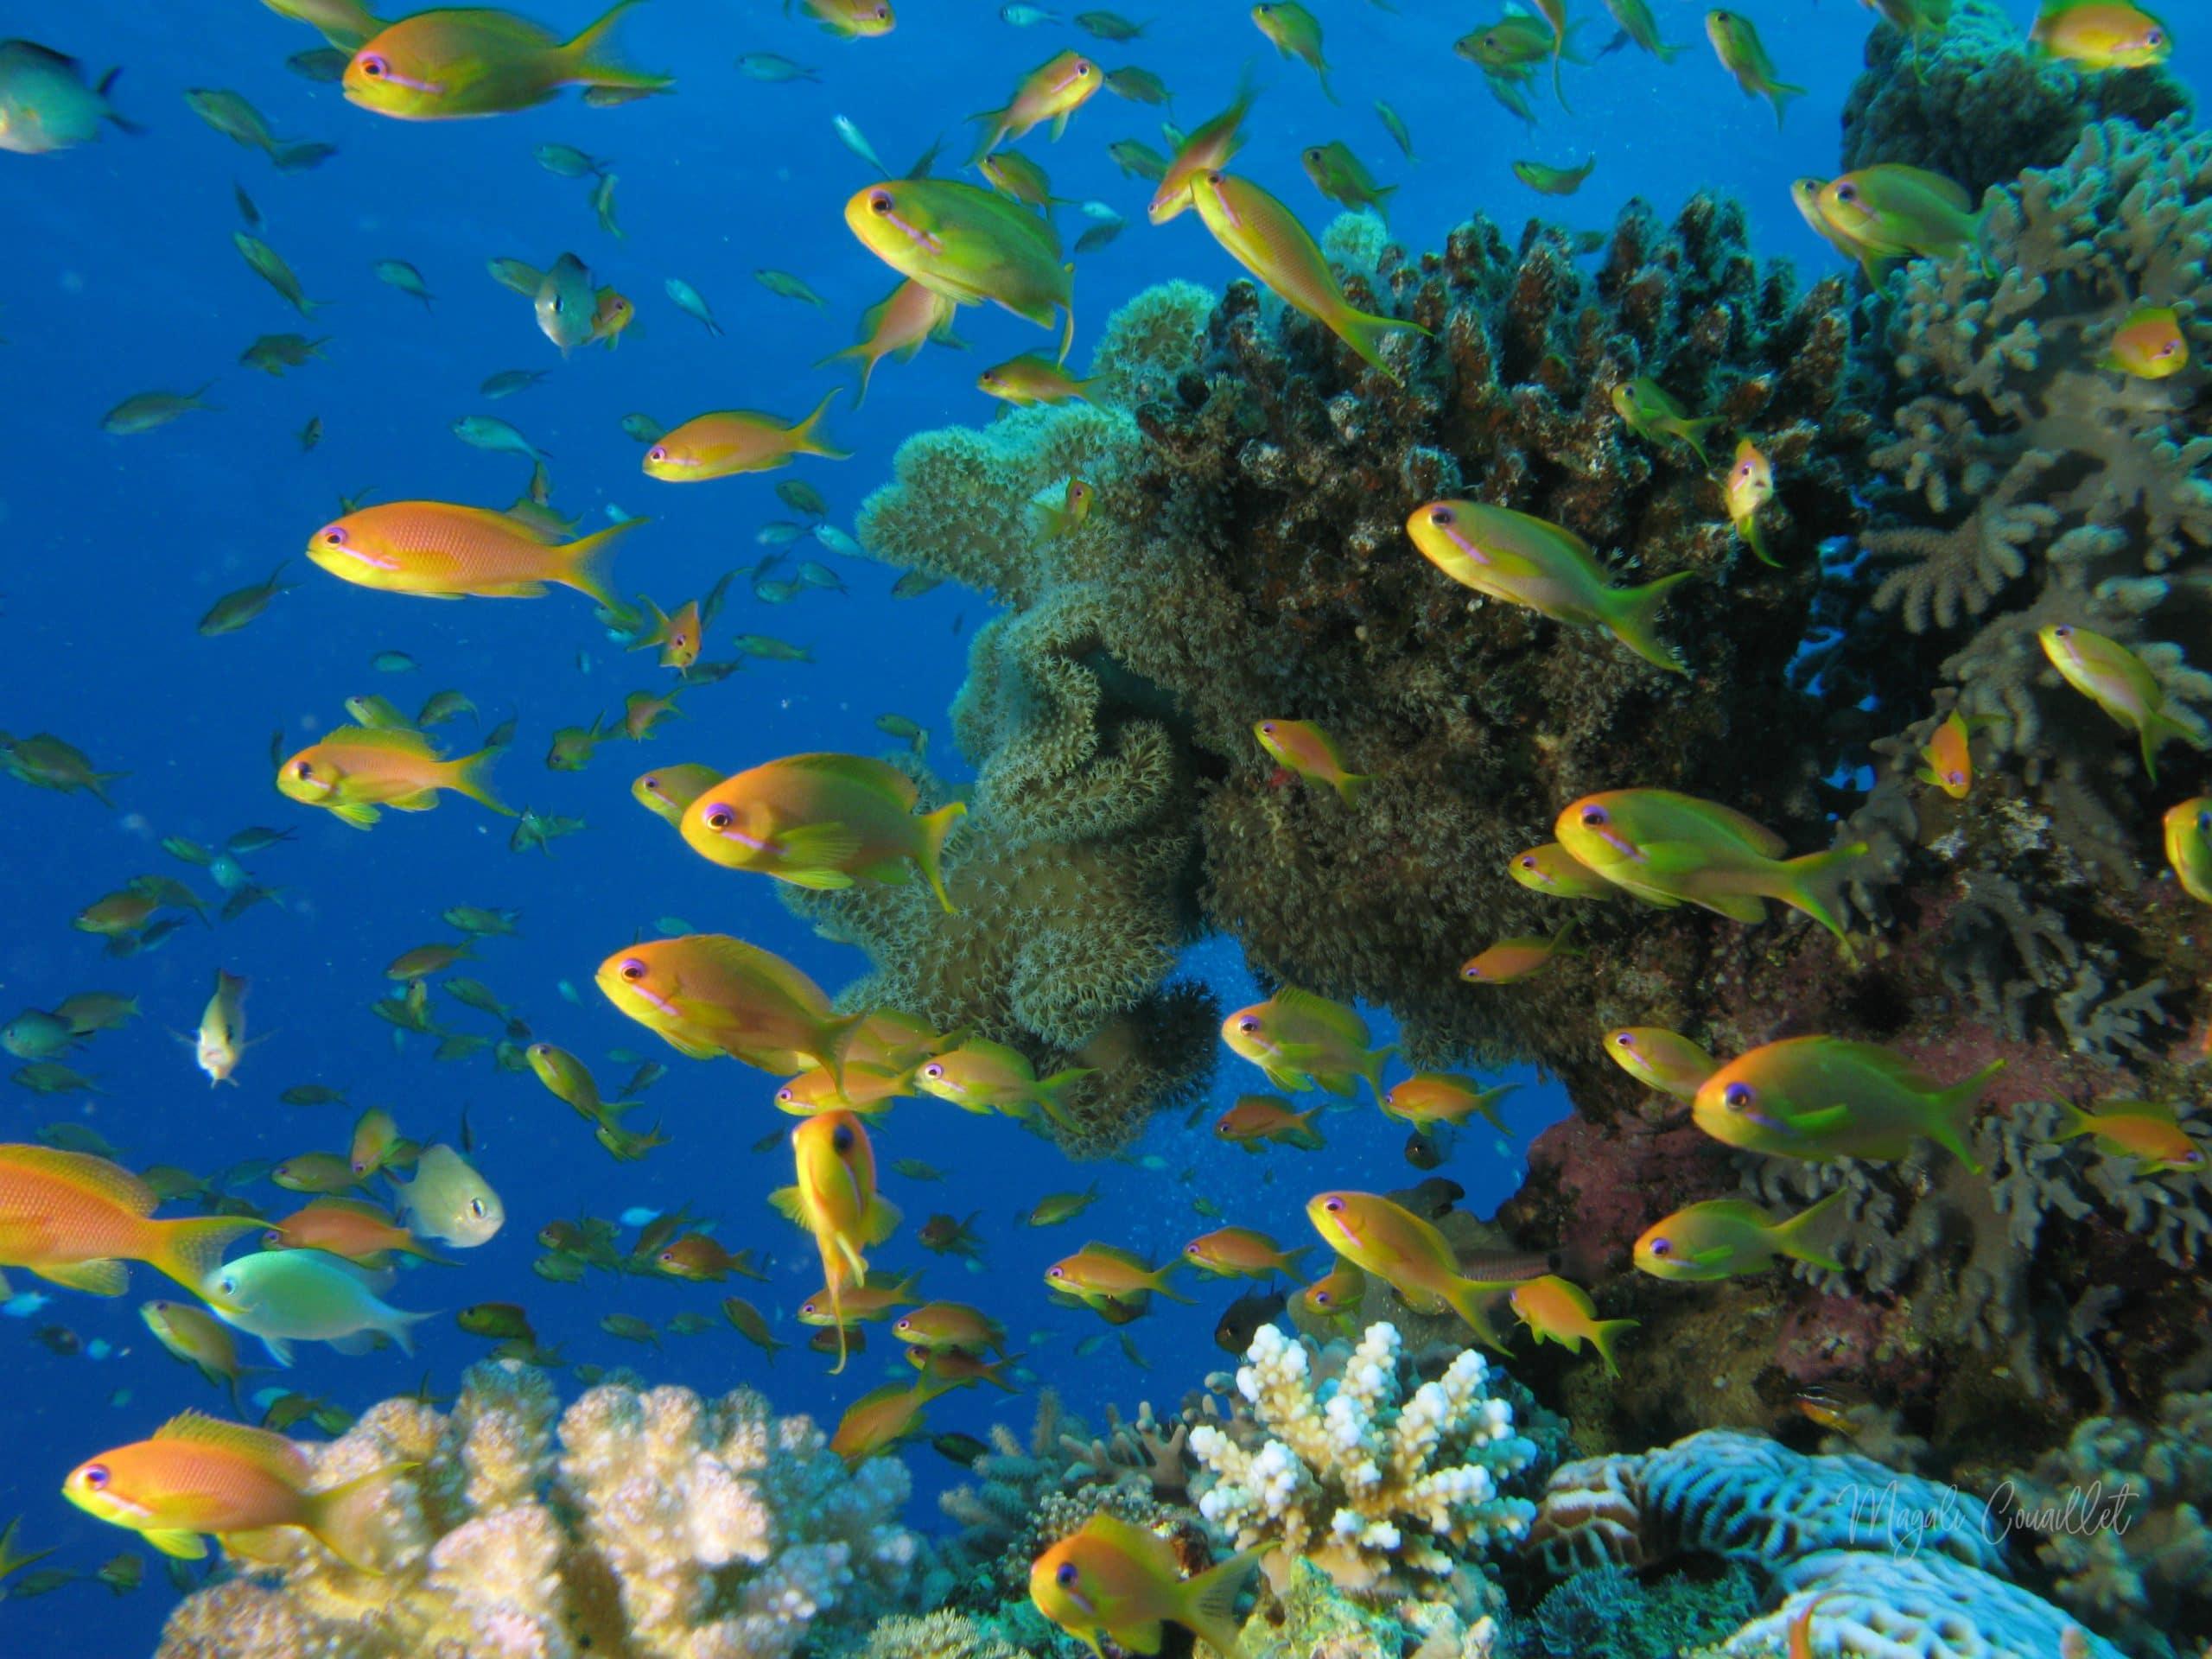 Poissons de récif corallien - Coral reef fishe